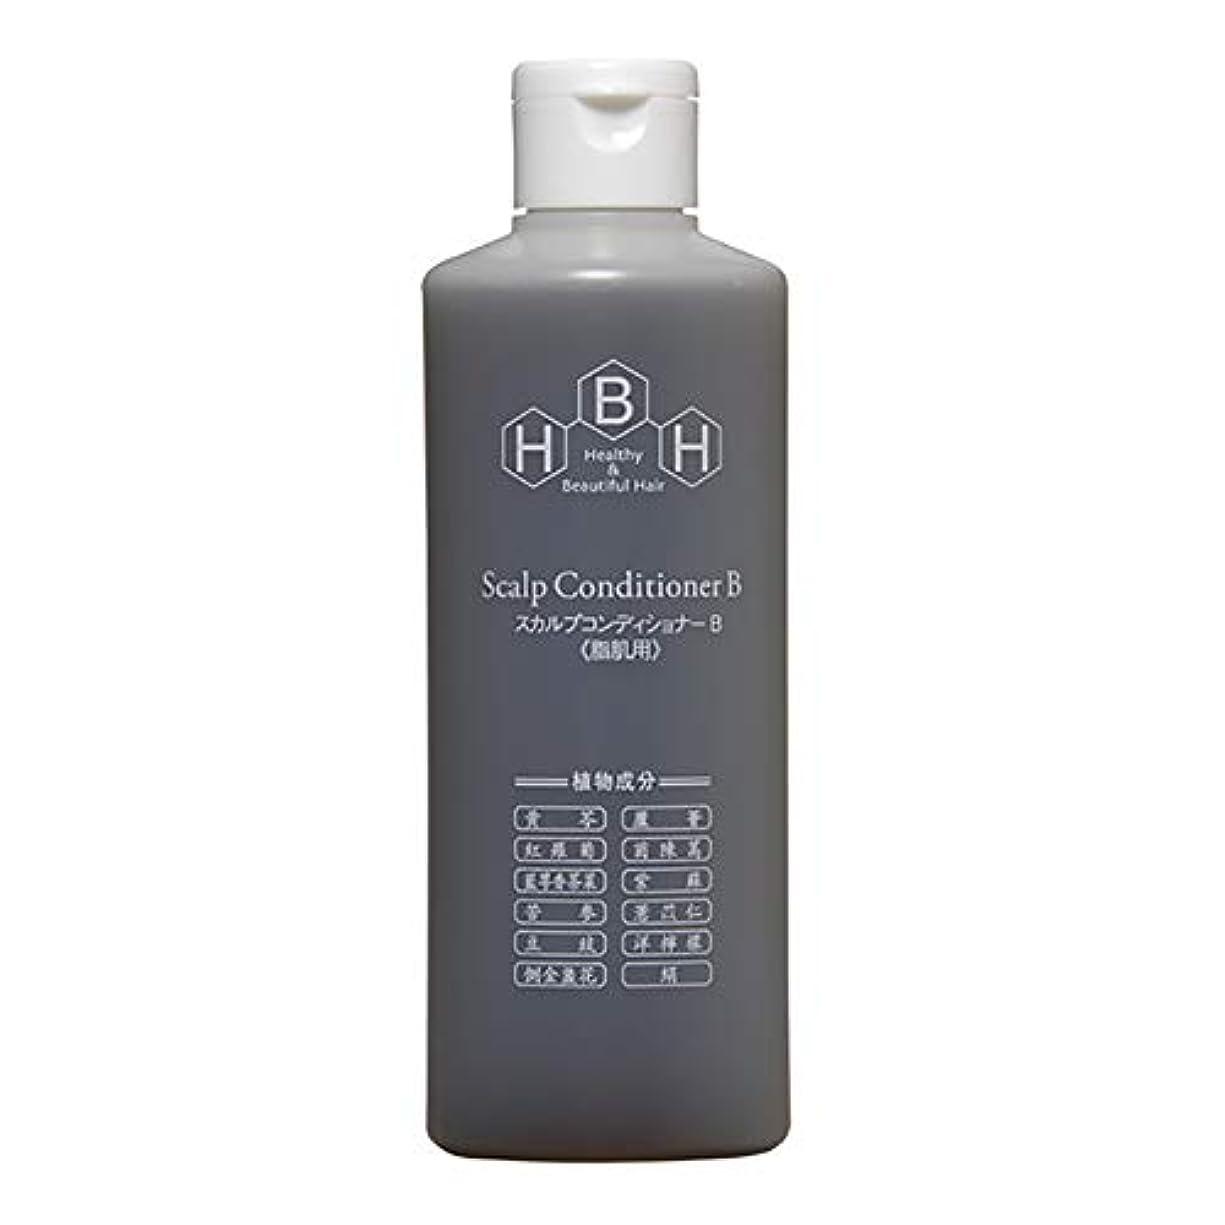 薬理学寮止まるリーブ21 スカルプコンディショナーB 脂性肌用 300ml 育毛 コンディショナー 皮脂